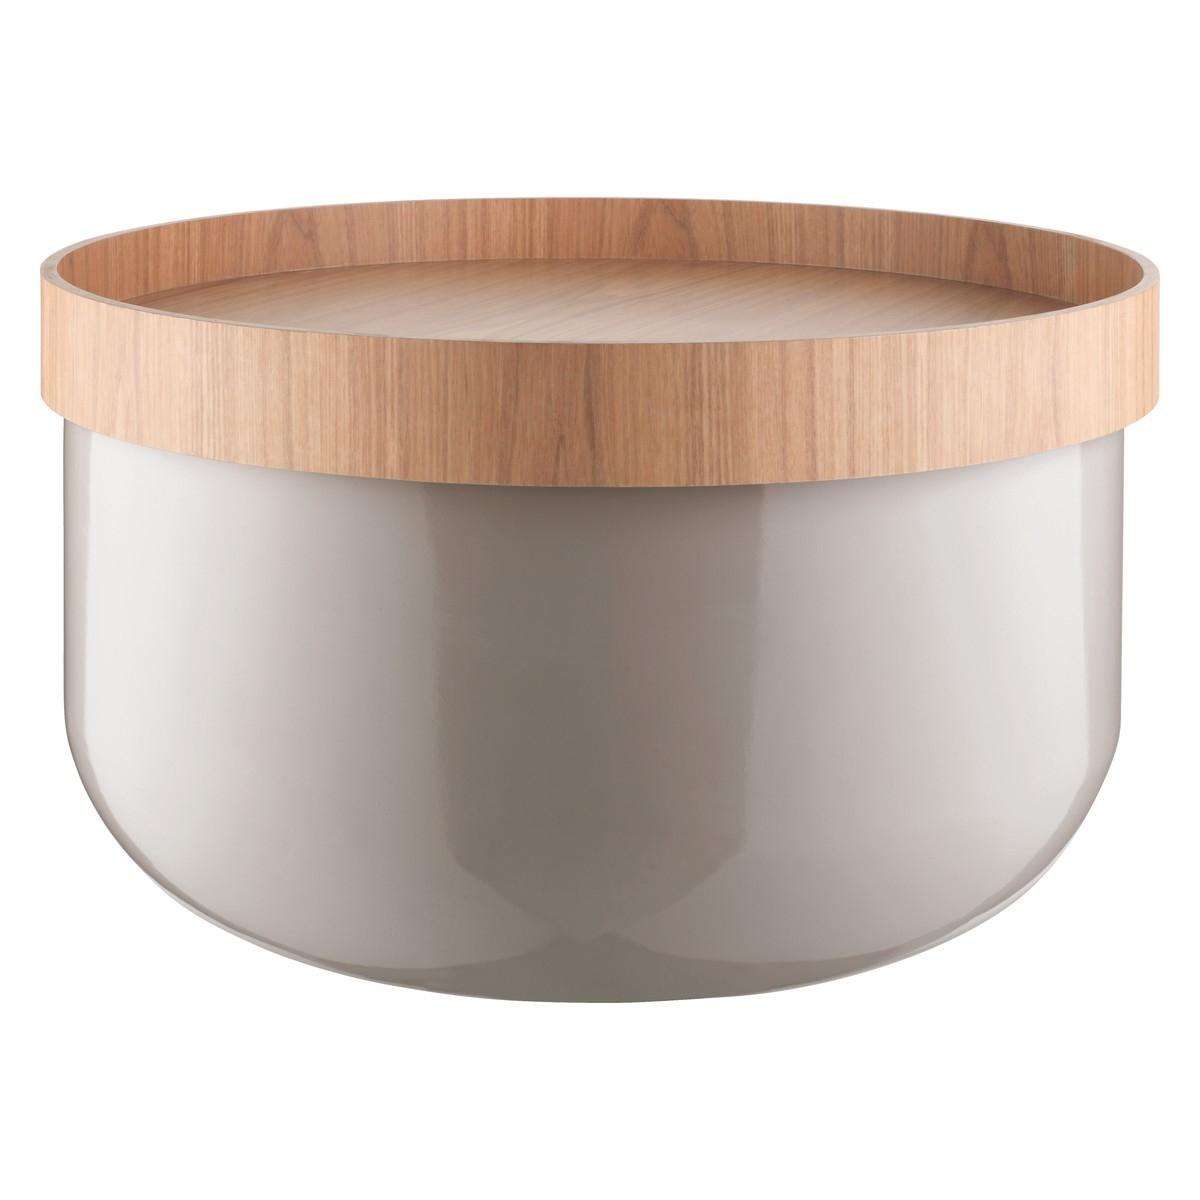 Shroom Large Coffee Tables